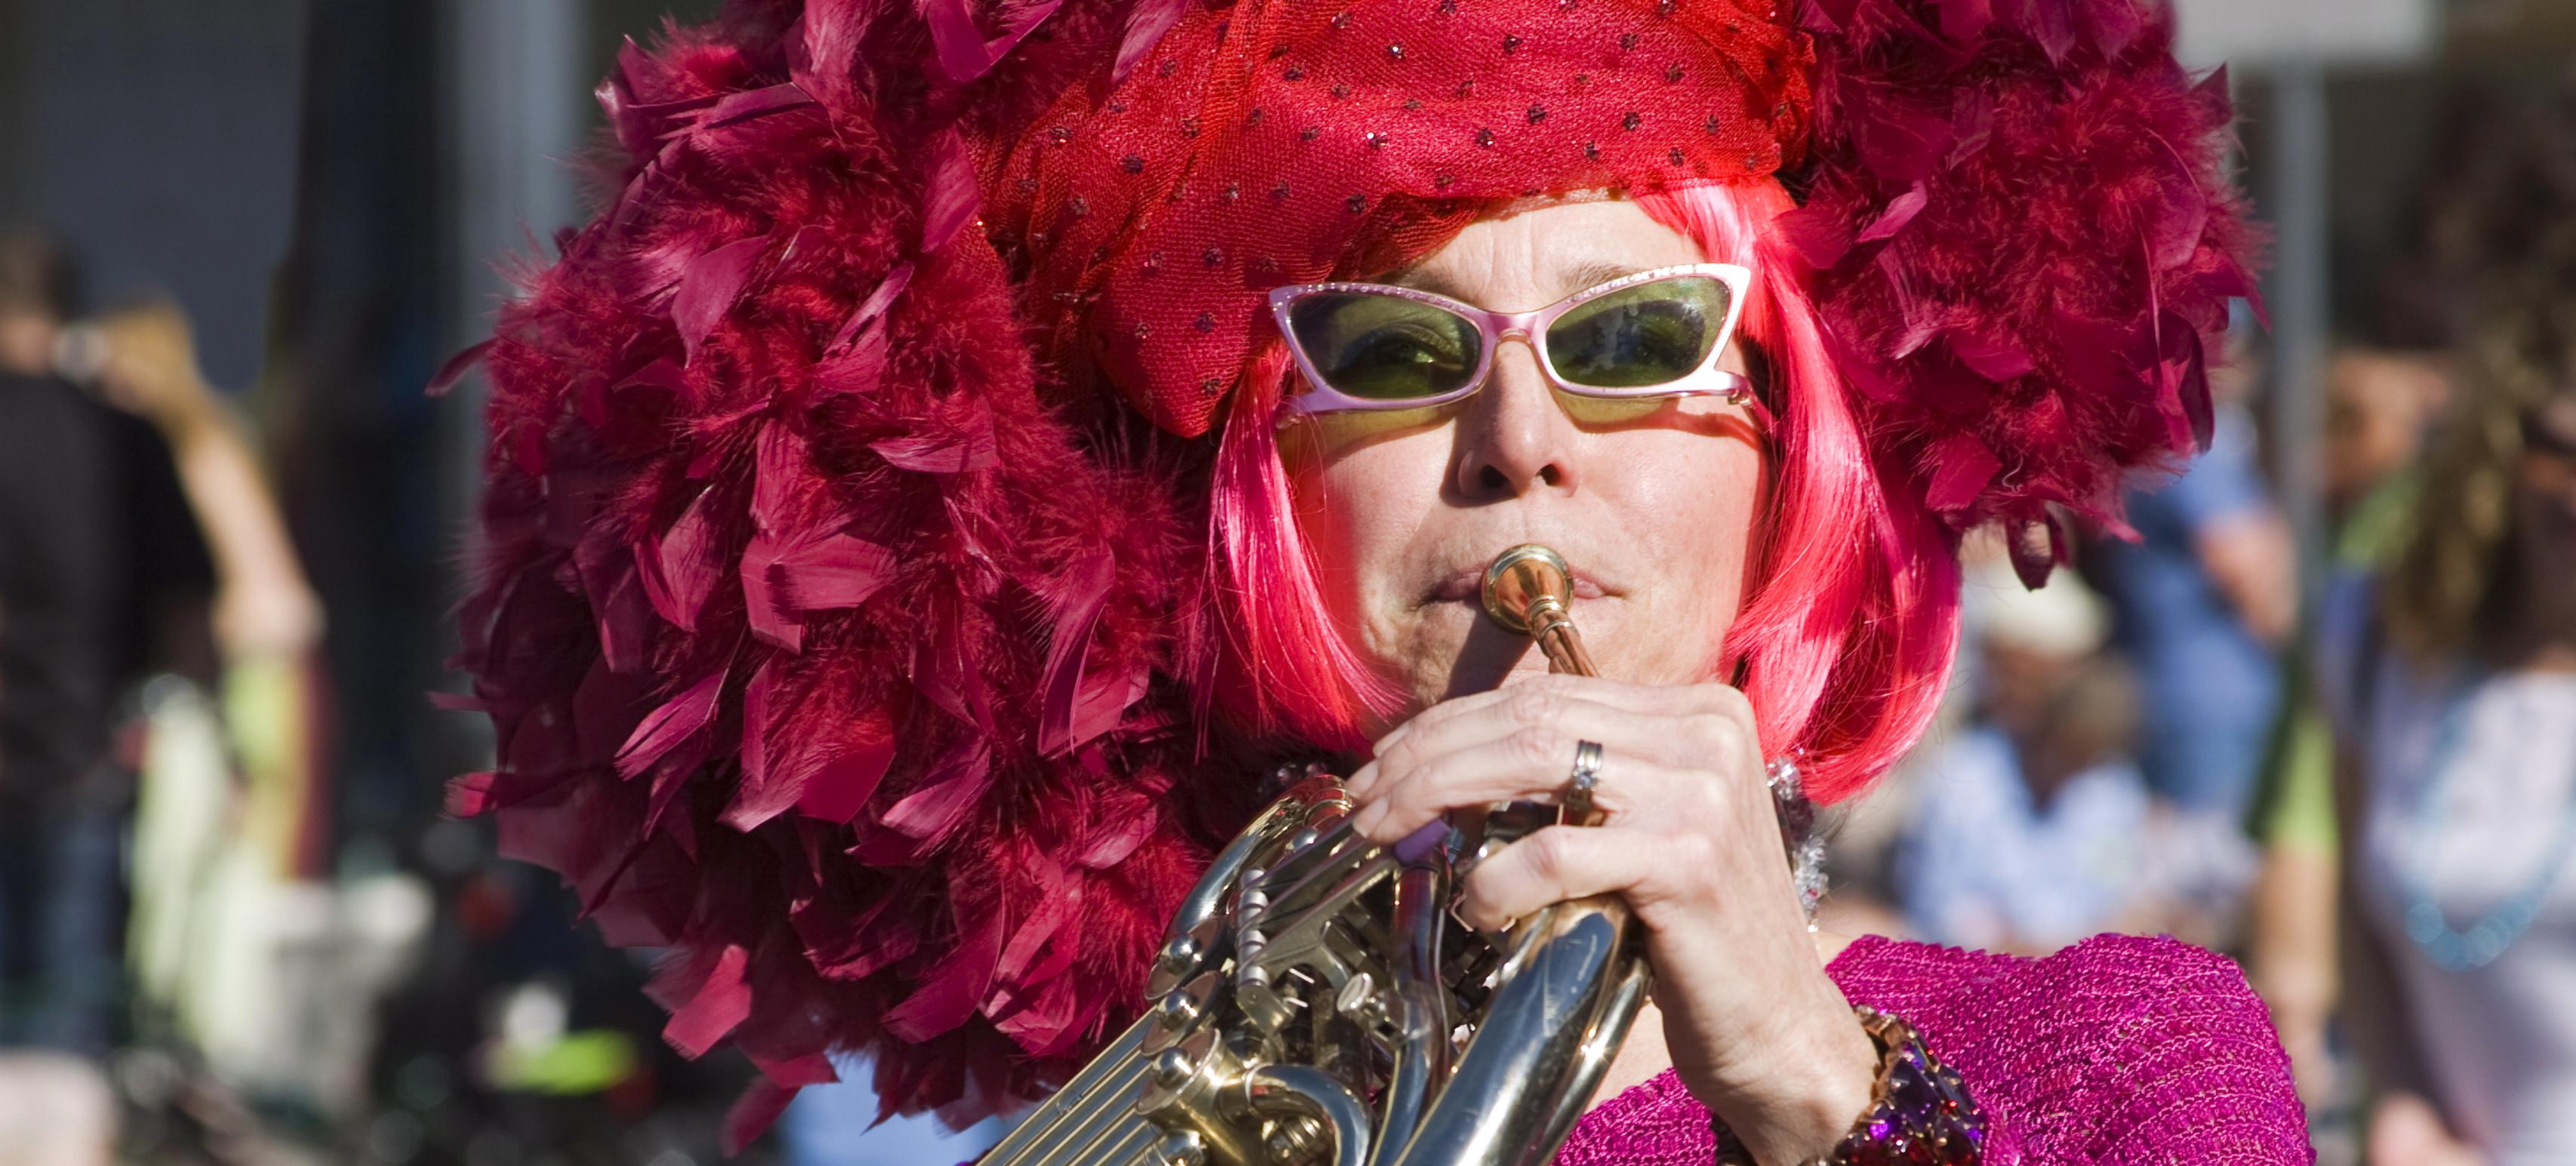 Pasadena's eccentric Doo Dah Parade